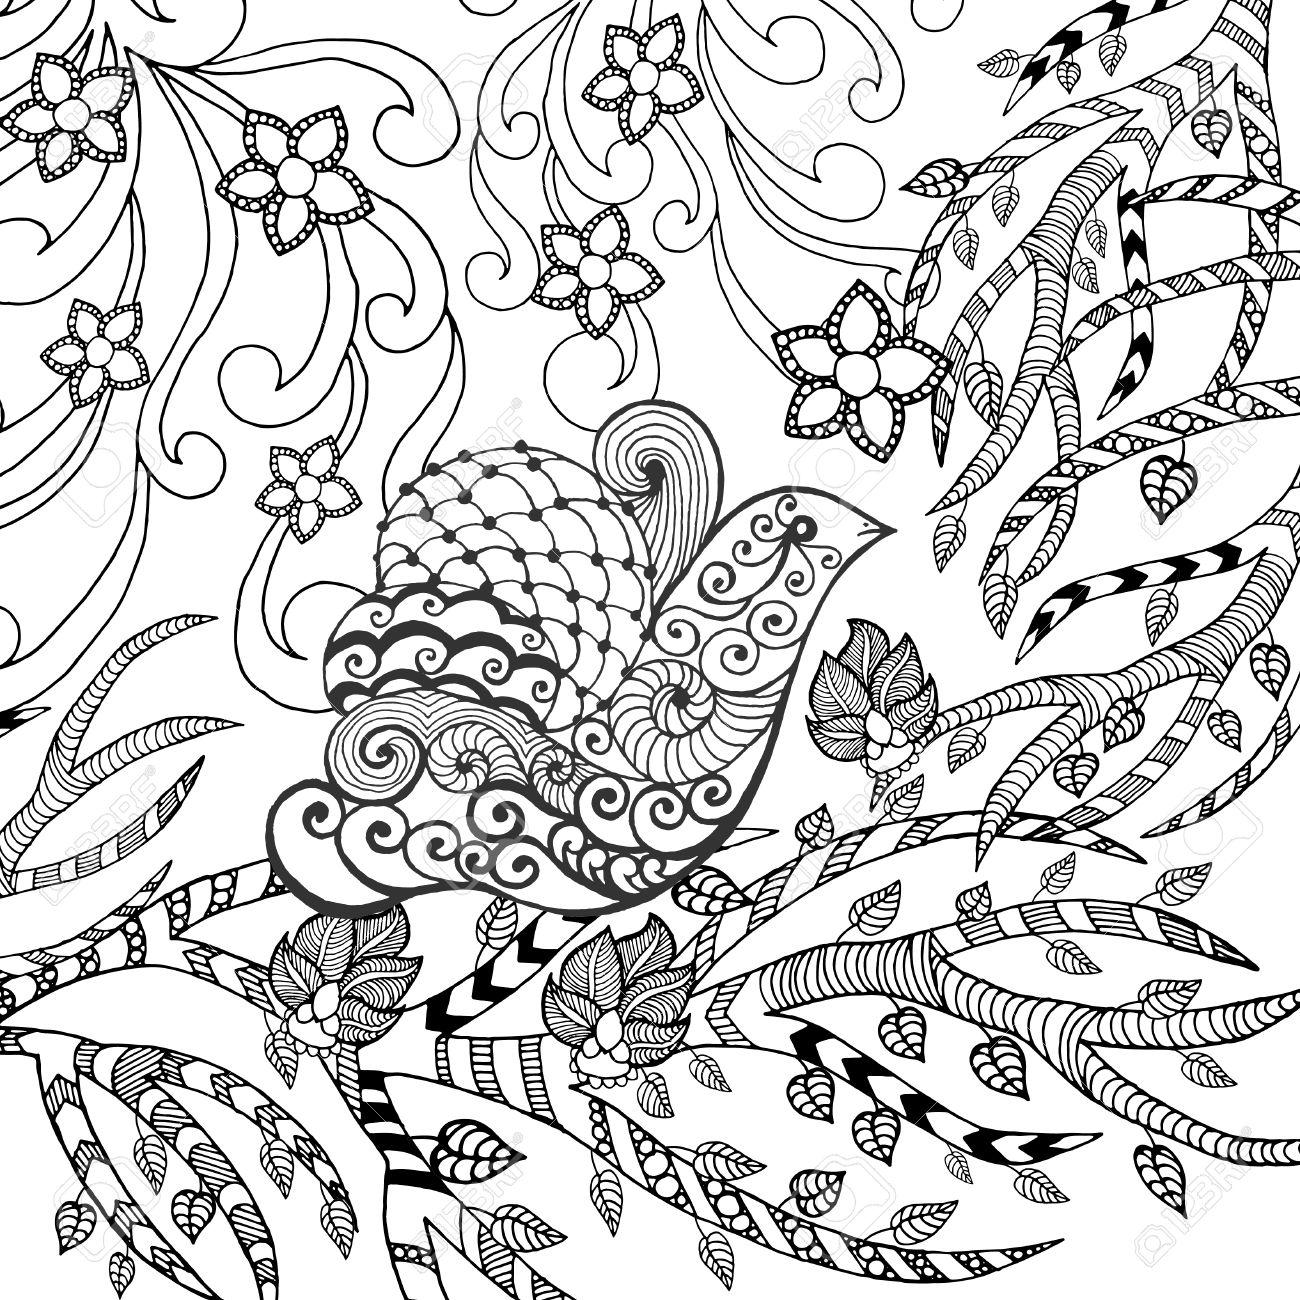 1300x1300 Bird In Flower Garden. Animals. Hand Drawn Doodle. Ethnic